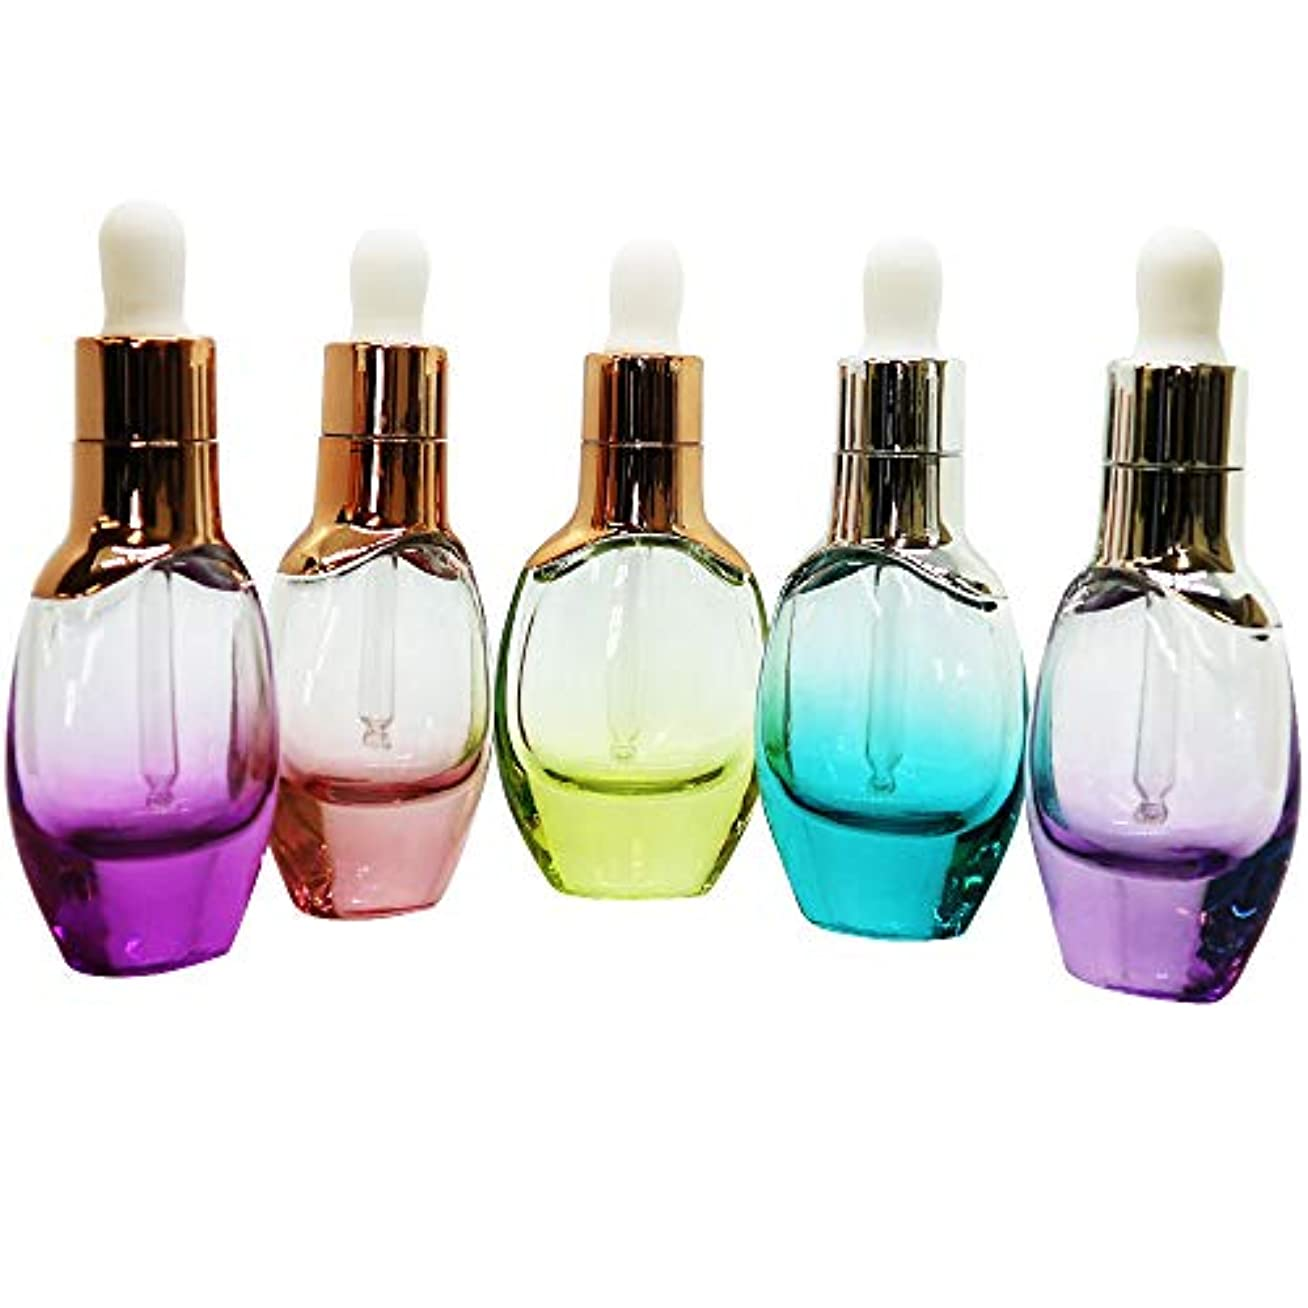 持参パッド遺産Coco Makai スポイト付き エッセンシャル ボトル 5本セット アロマ 化粧水 オイル ガラス製 かわいい カラフル